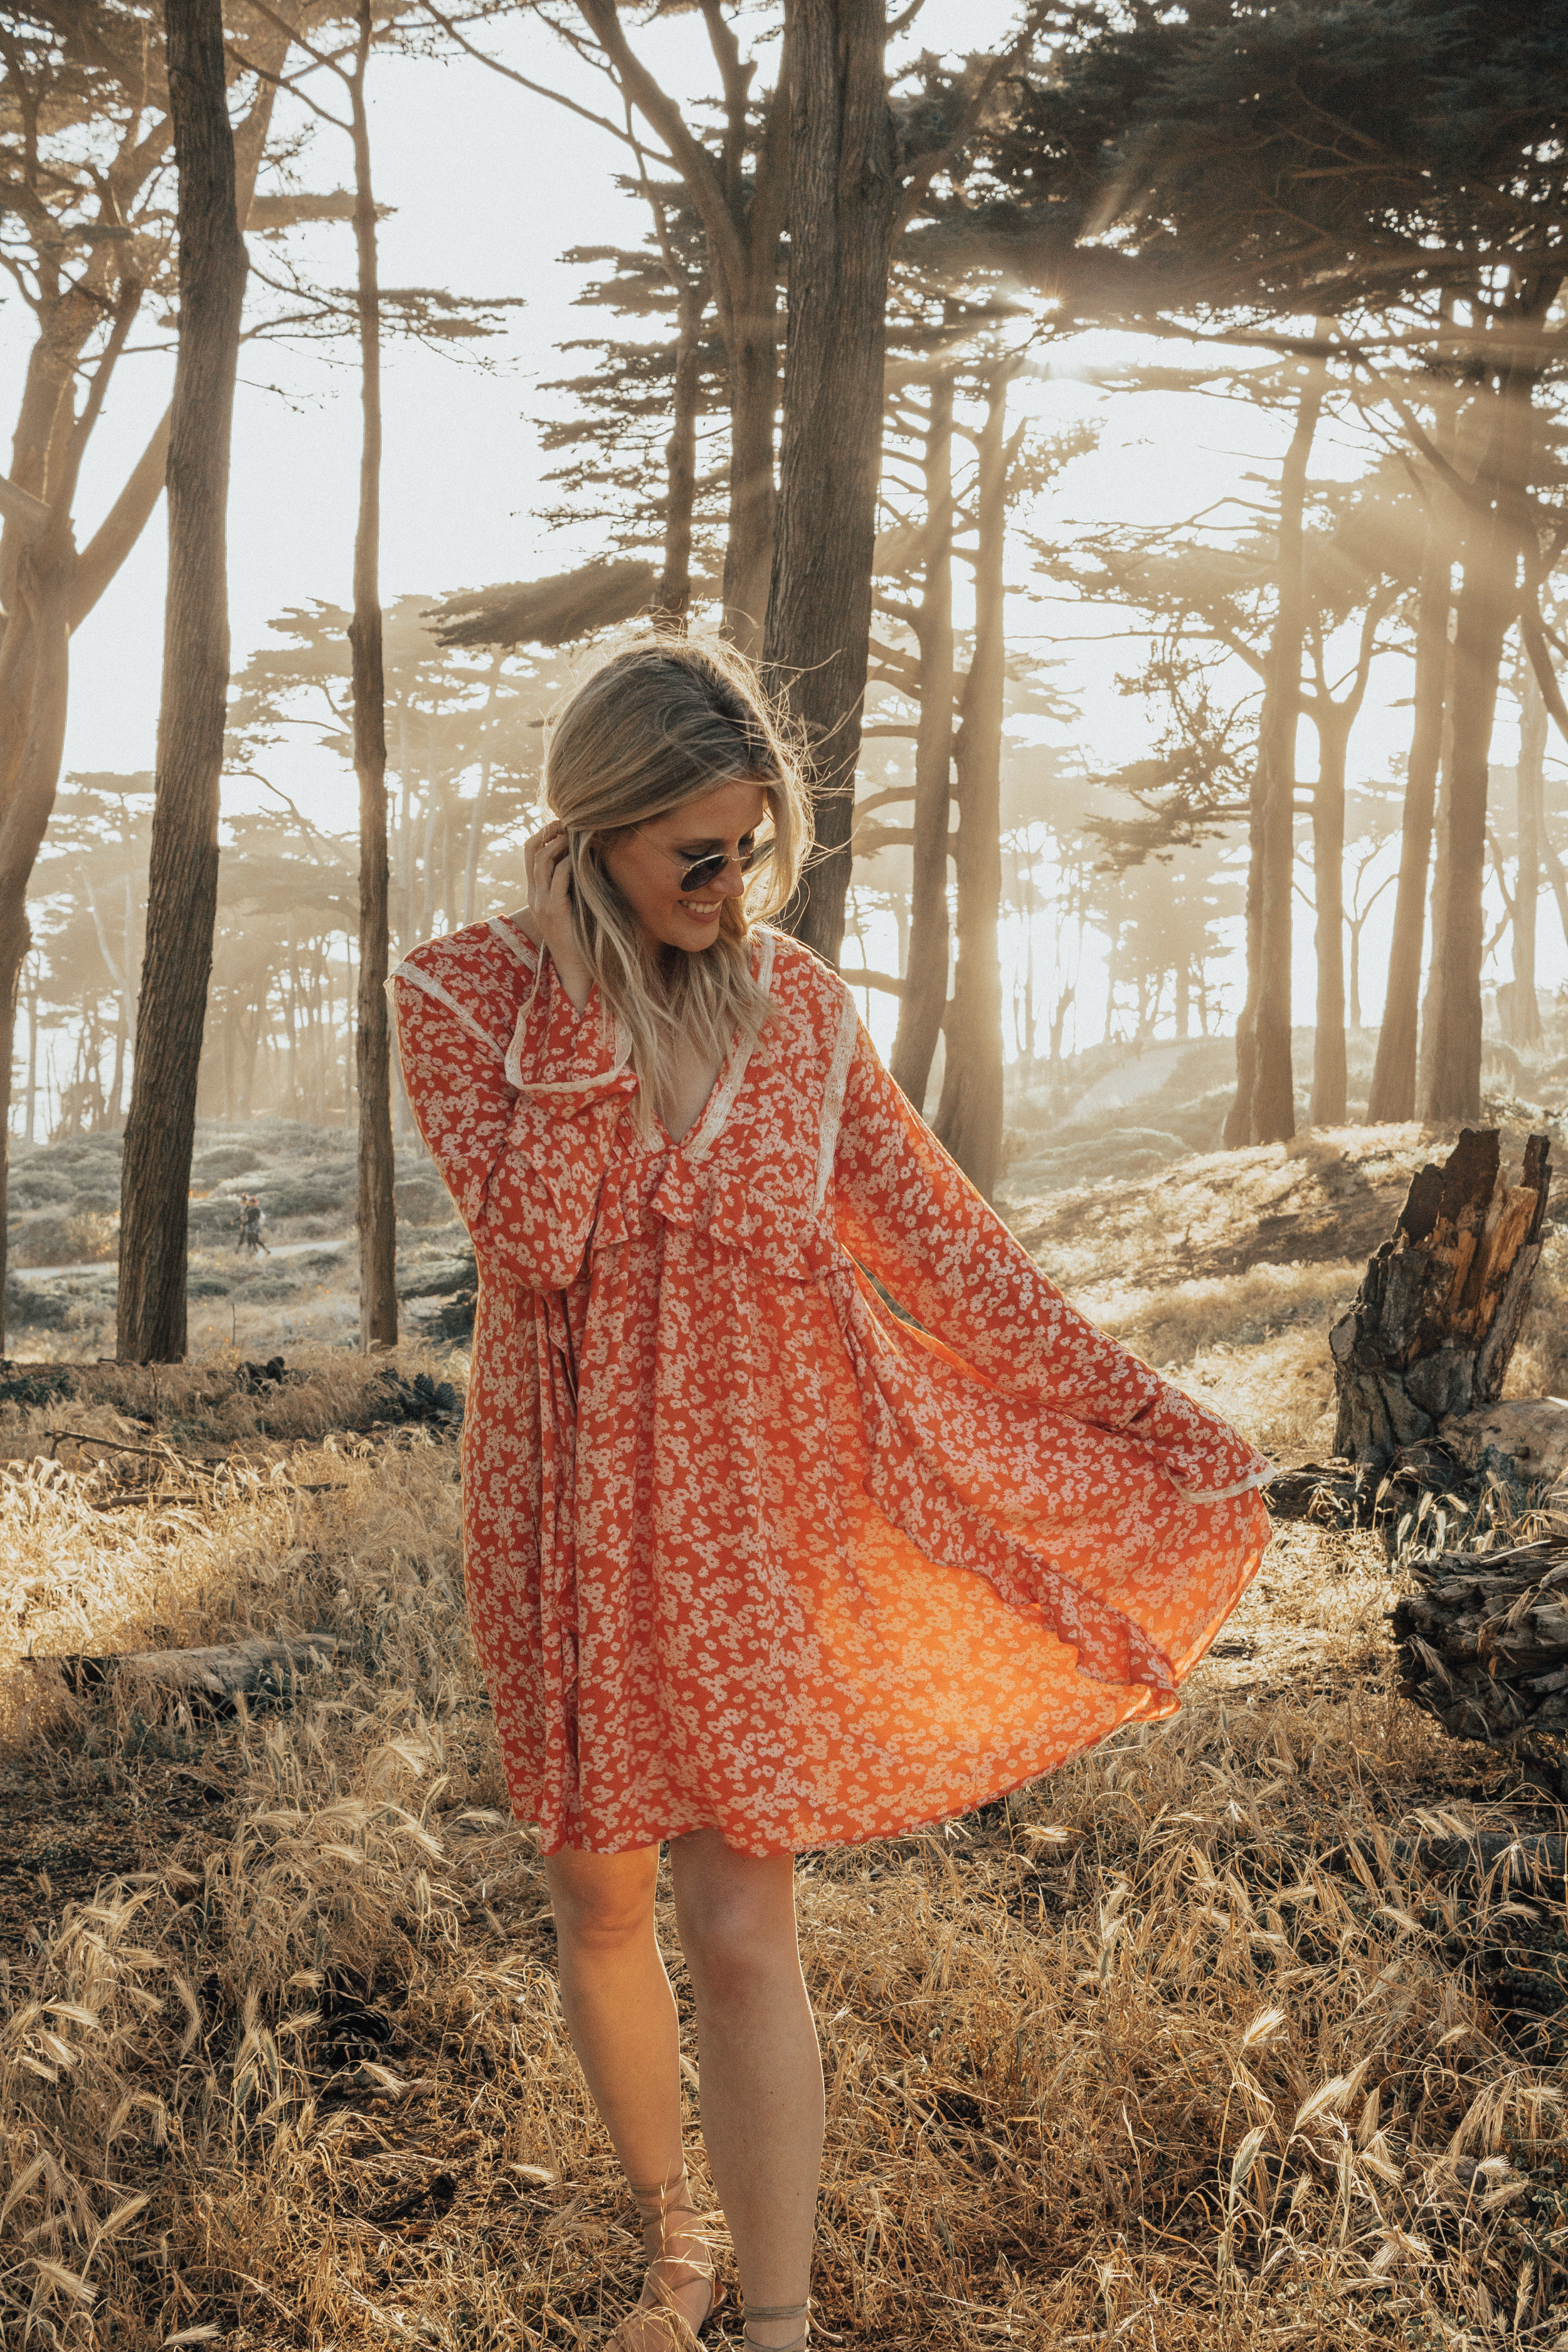 free-people-like-you-best-printed-dress-16.jpg